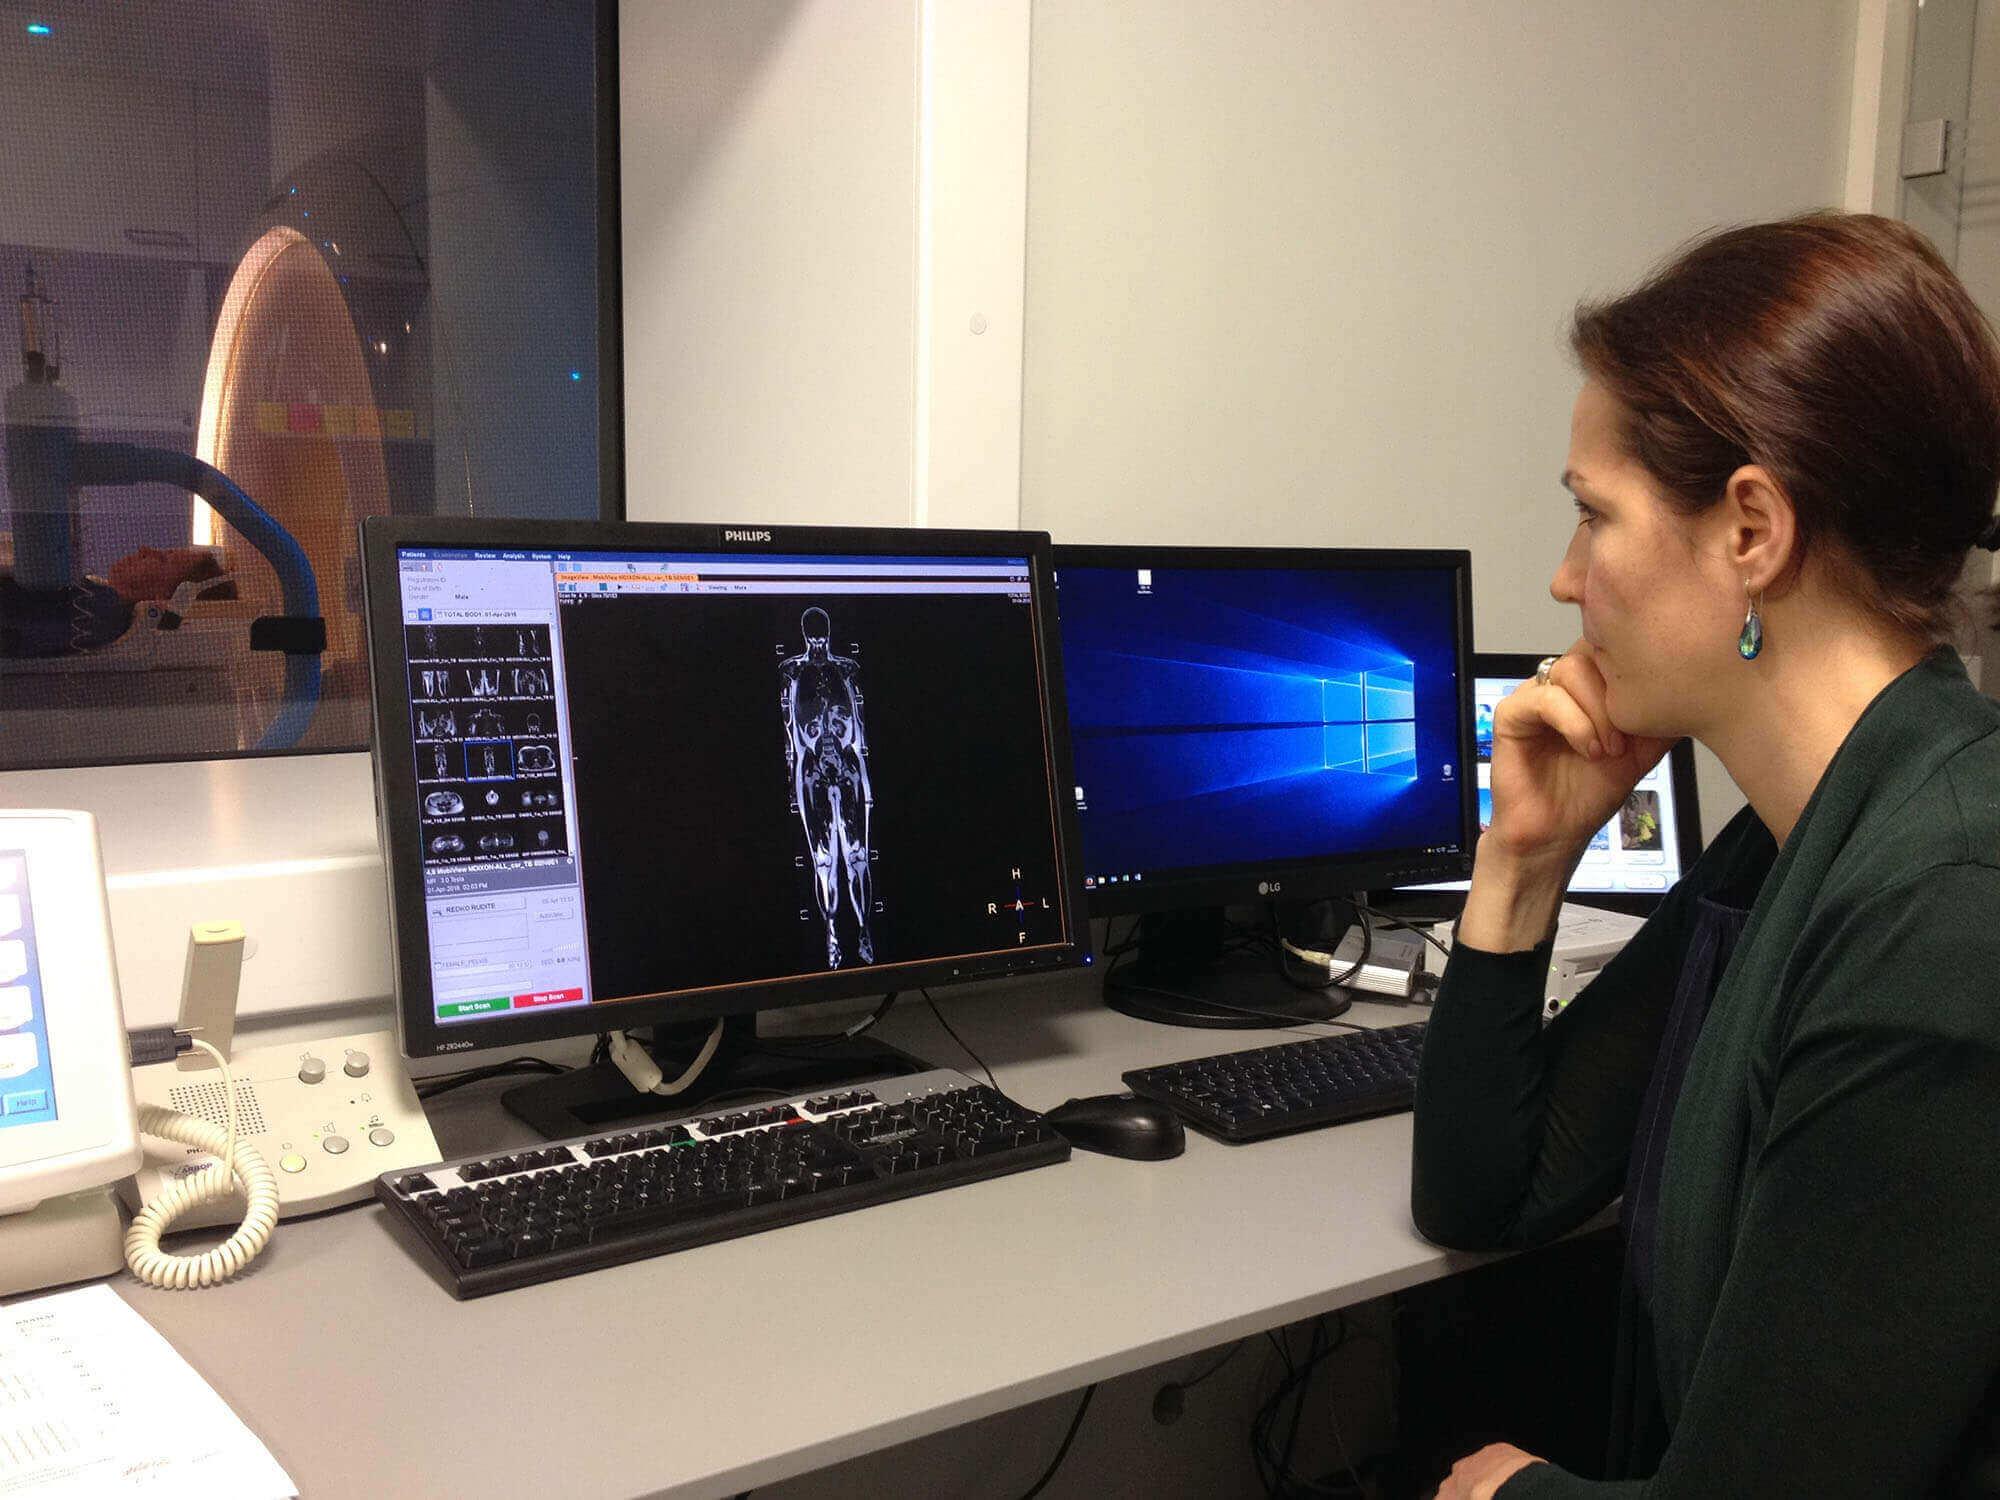 Magnētiskās rezonanses skrīninga izmeklējums visam ķermenim